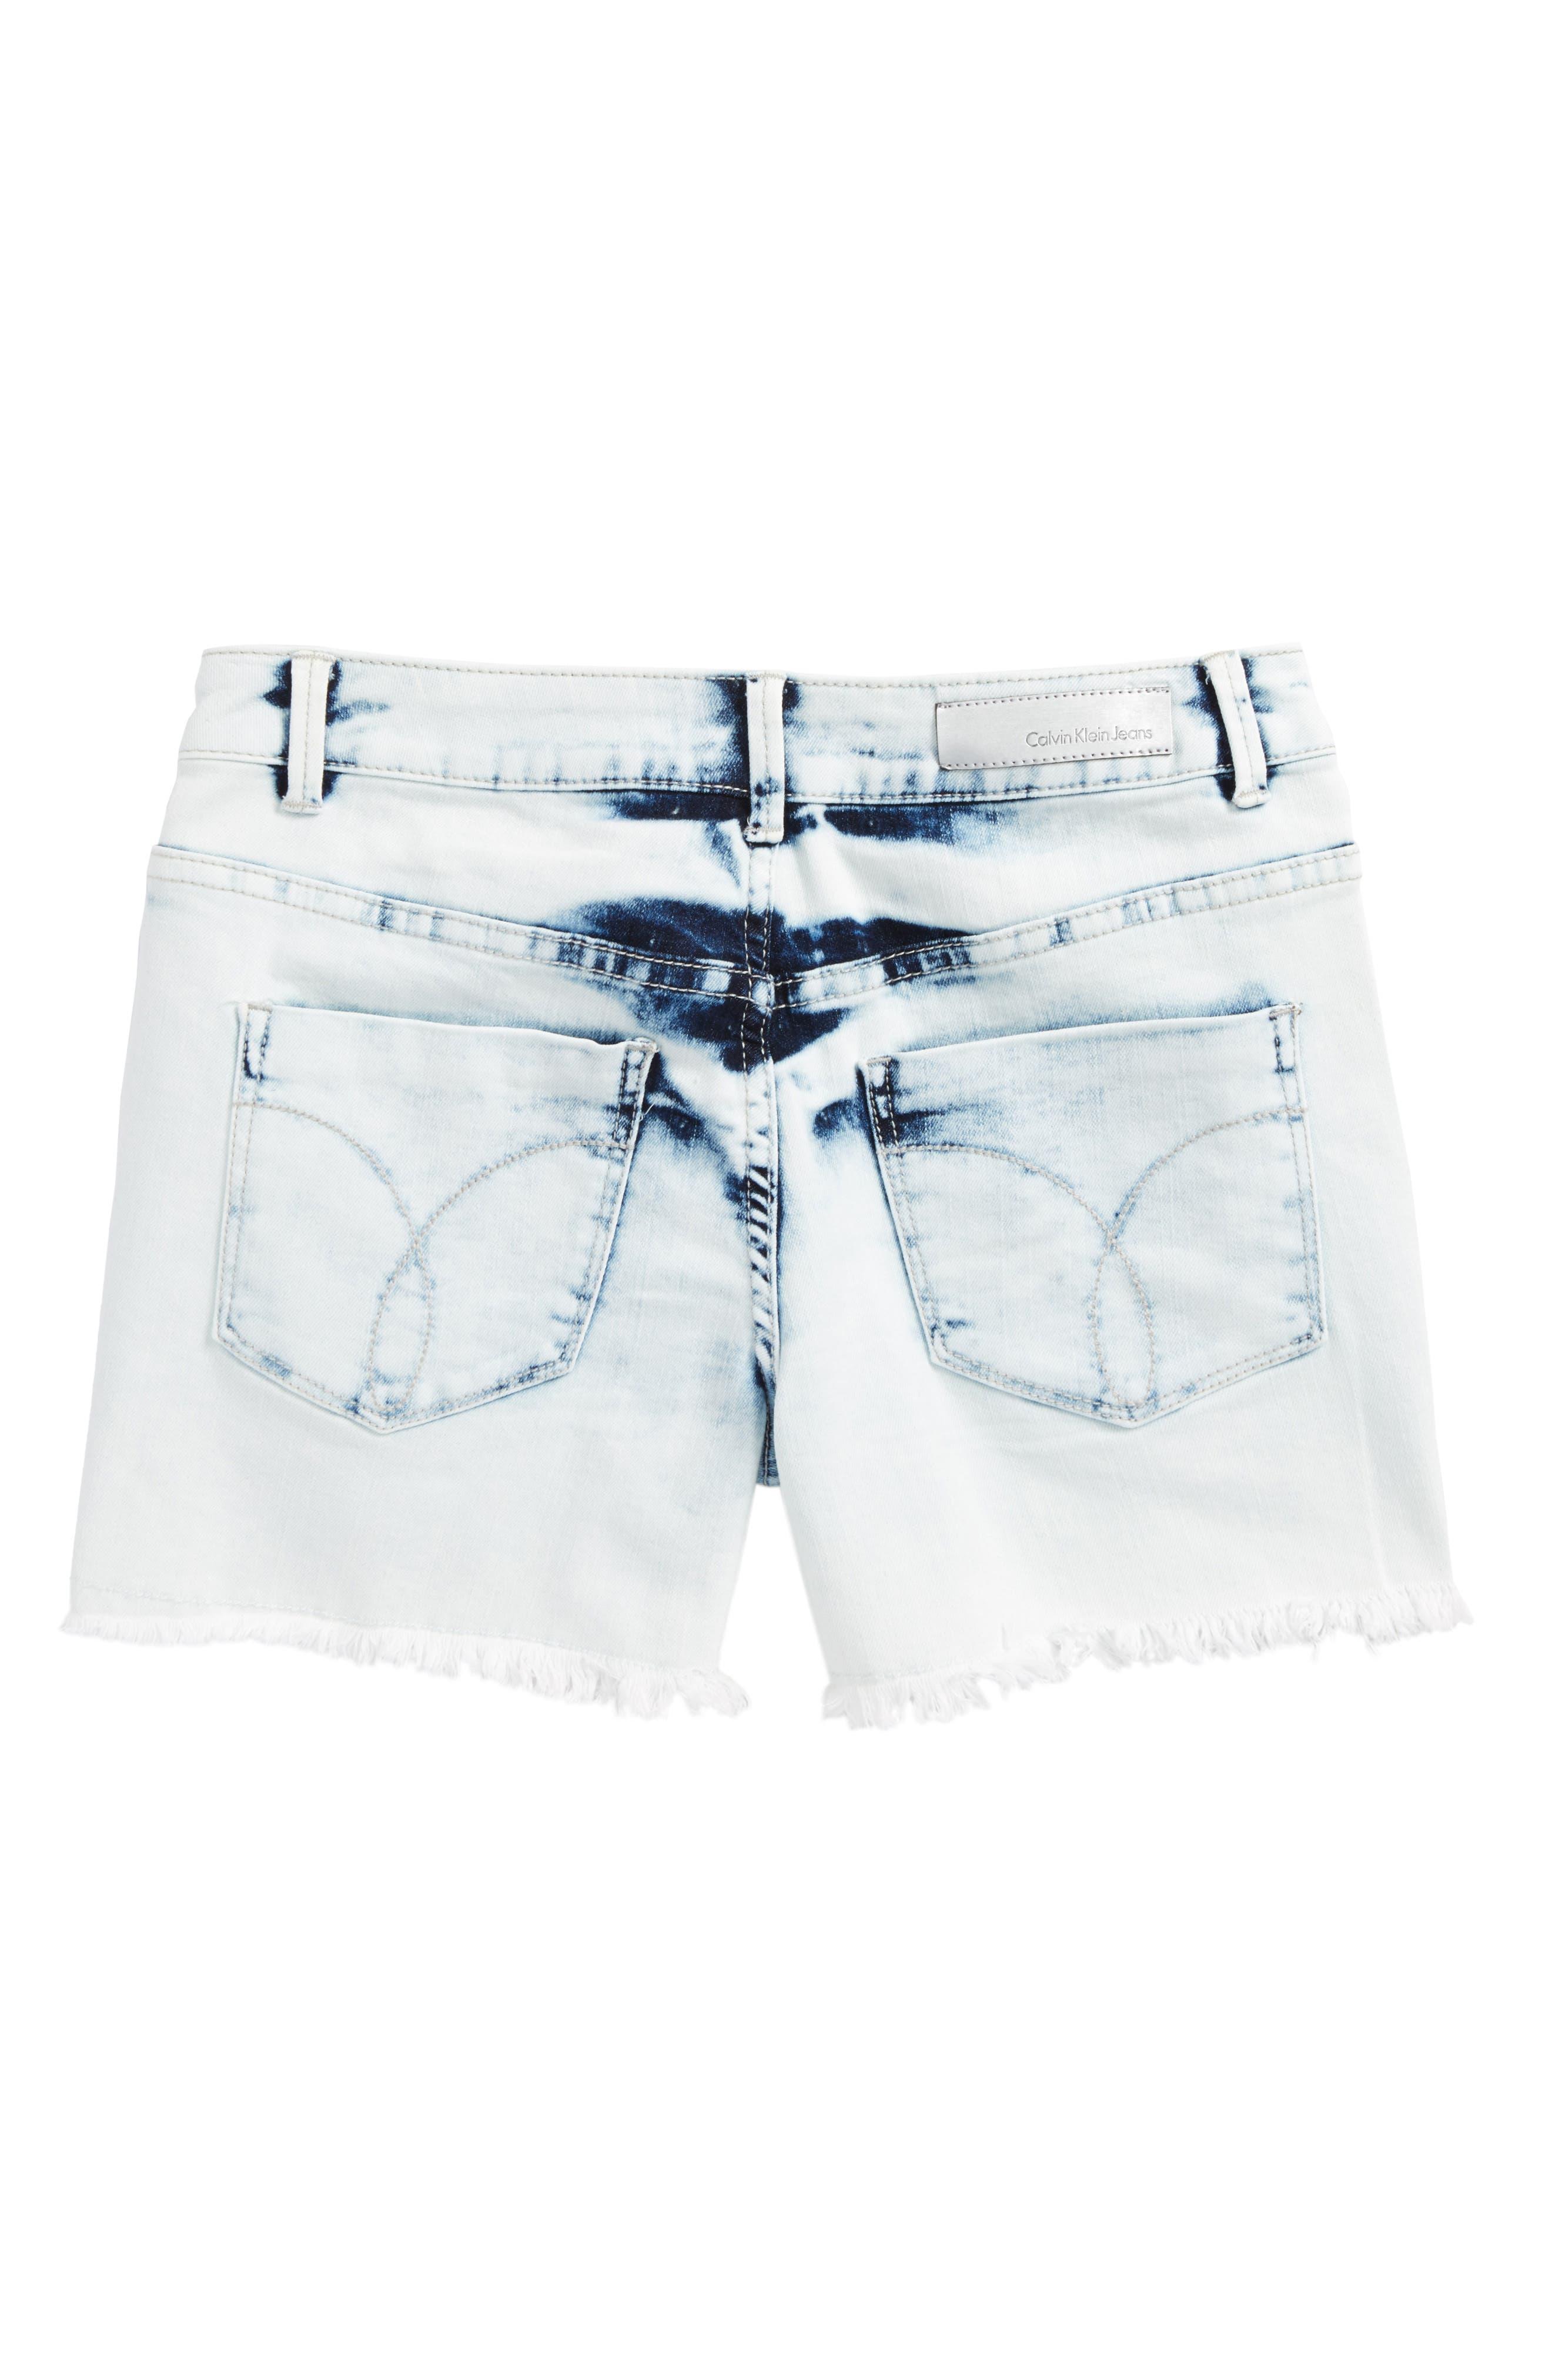 Alternate Image 2  - Calvin Klein Extreme Destroy Denim Shorts (Big Girls)